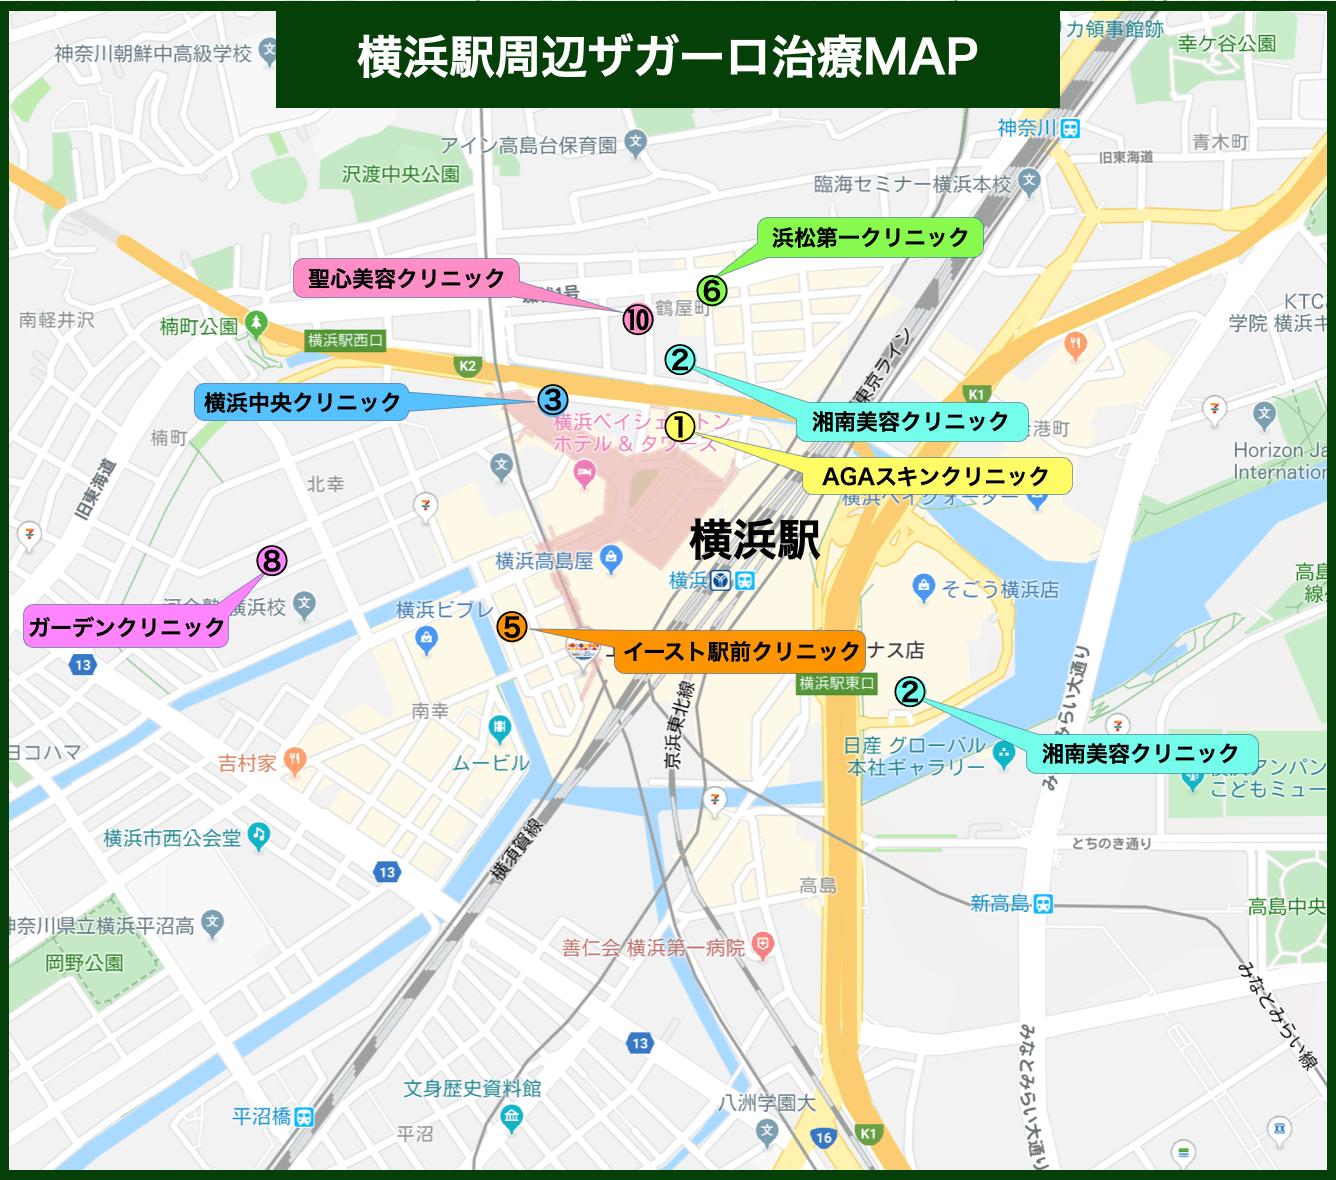 横浜駅周辺ザガーロ治療MAP